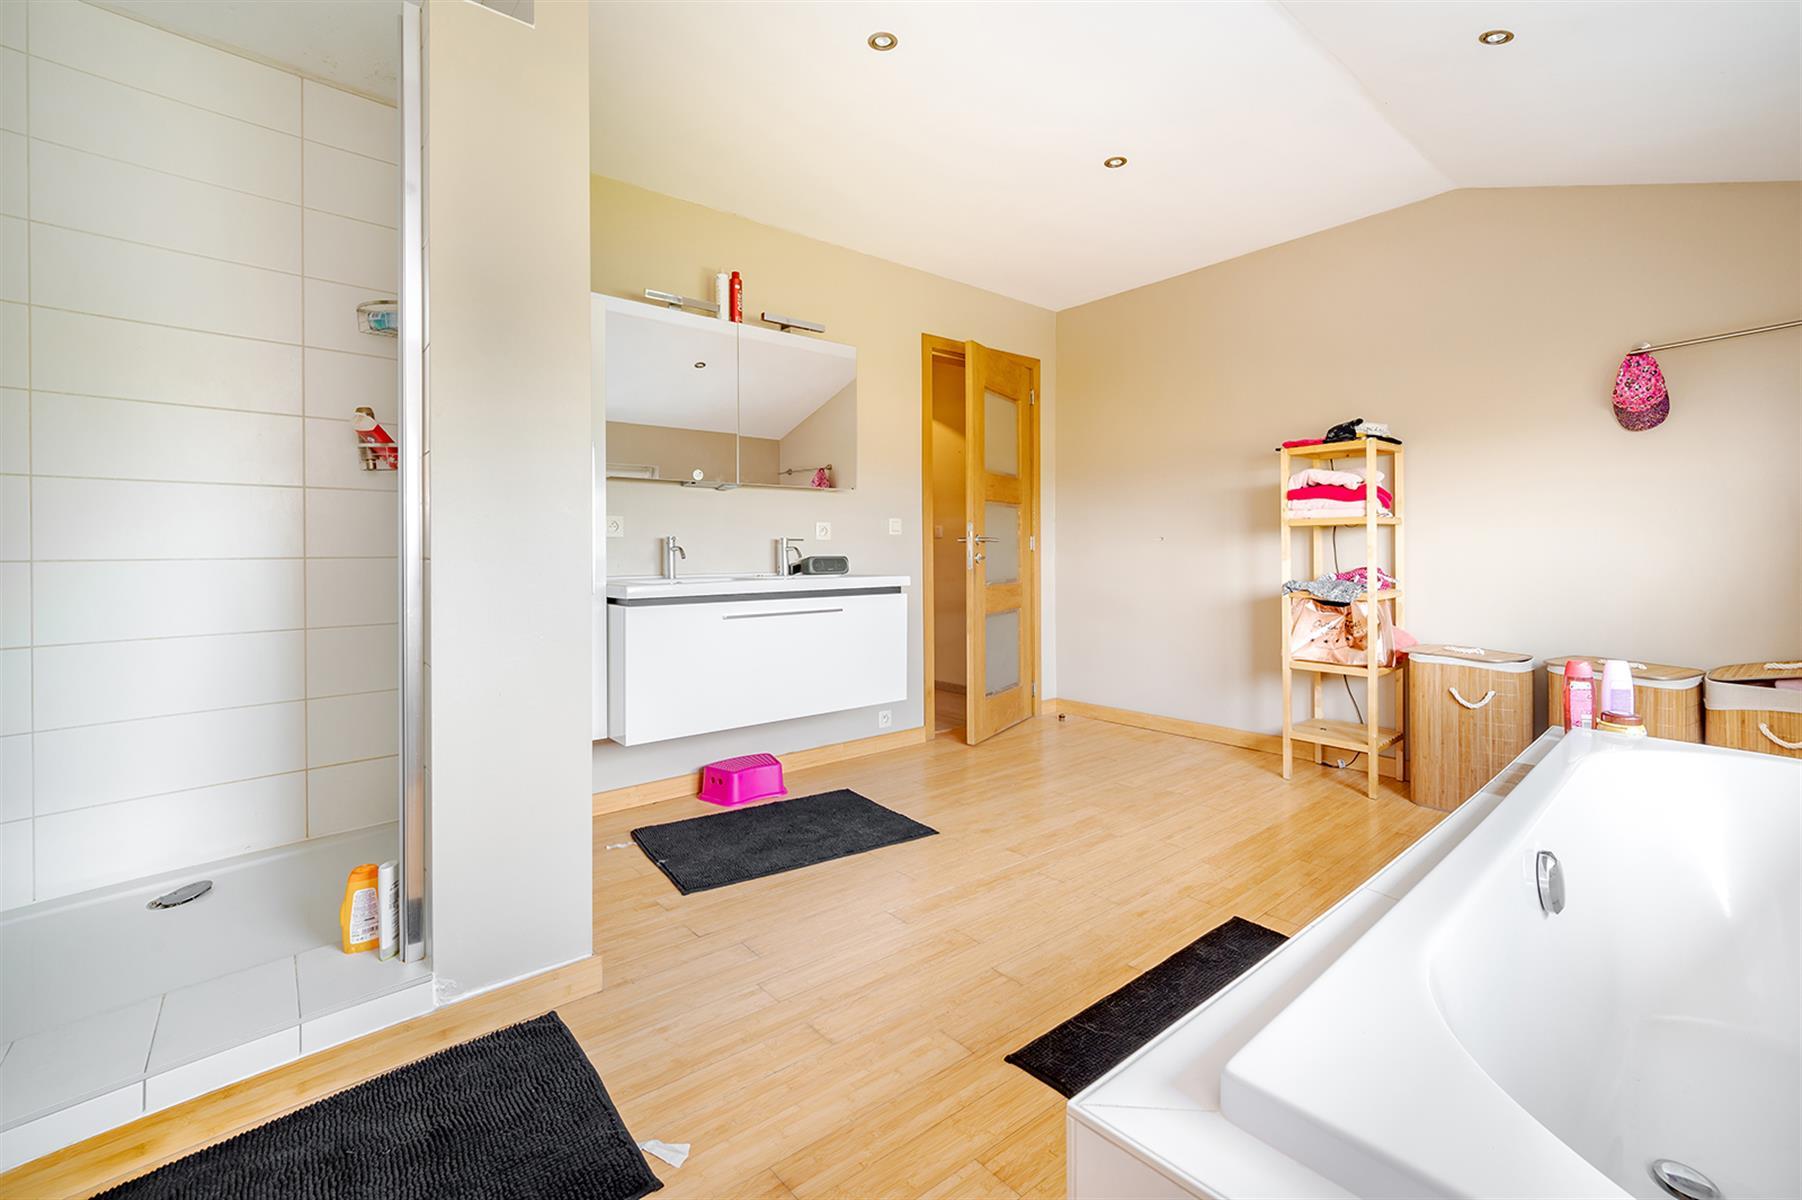 Maison unifamiliale - Villersle-Bouillet - #4412229-14